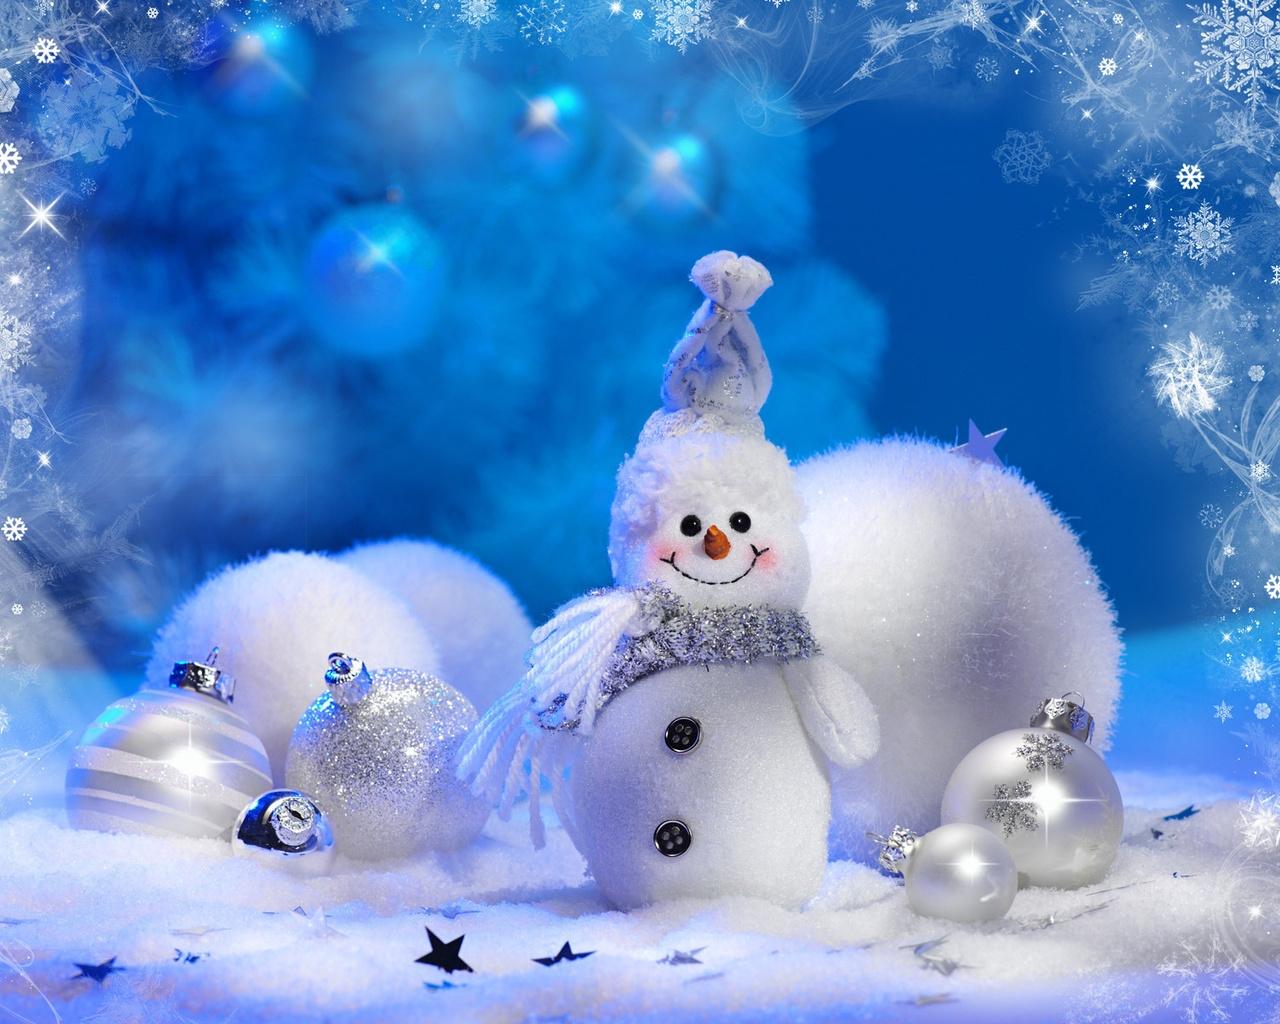 Обои на рабочий стол зима и новый год (5)